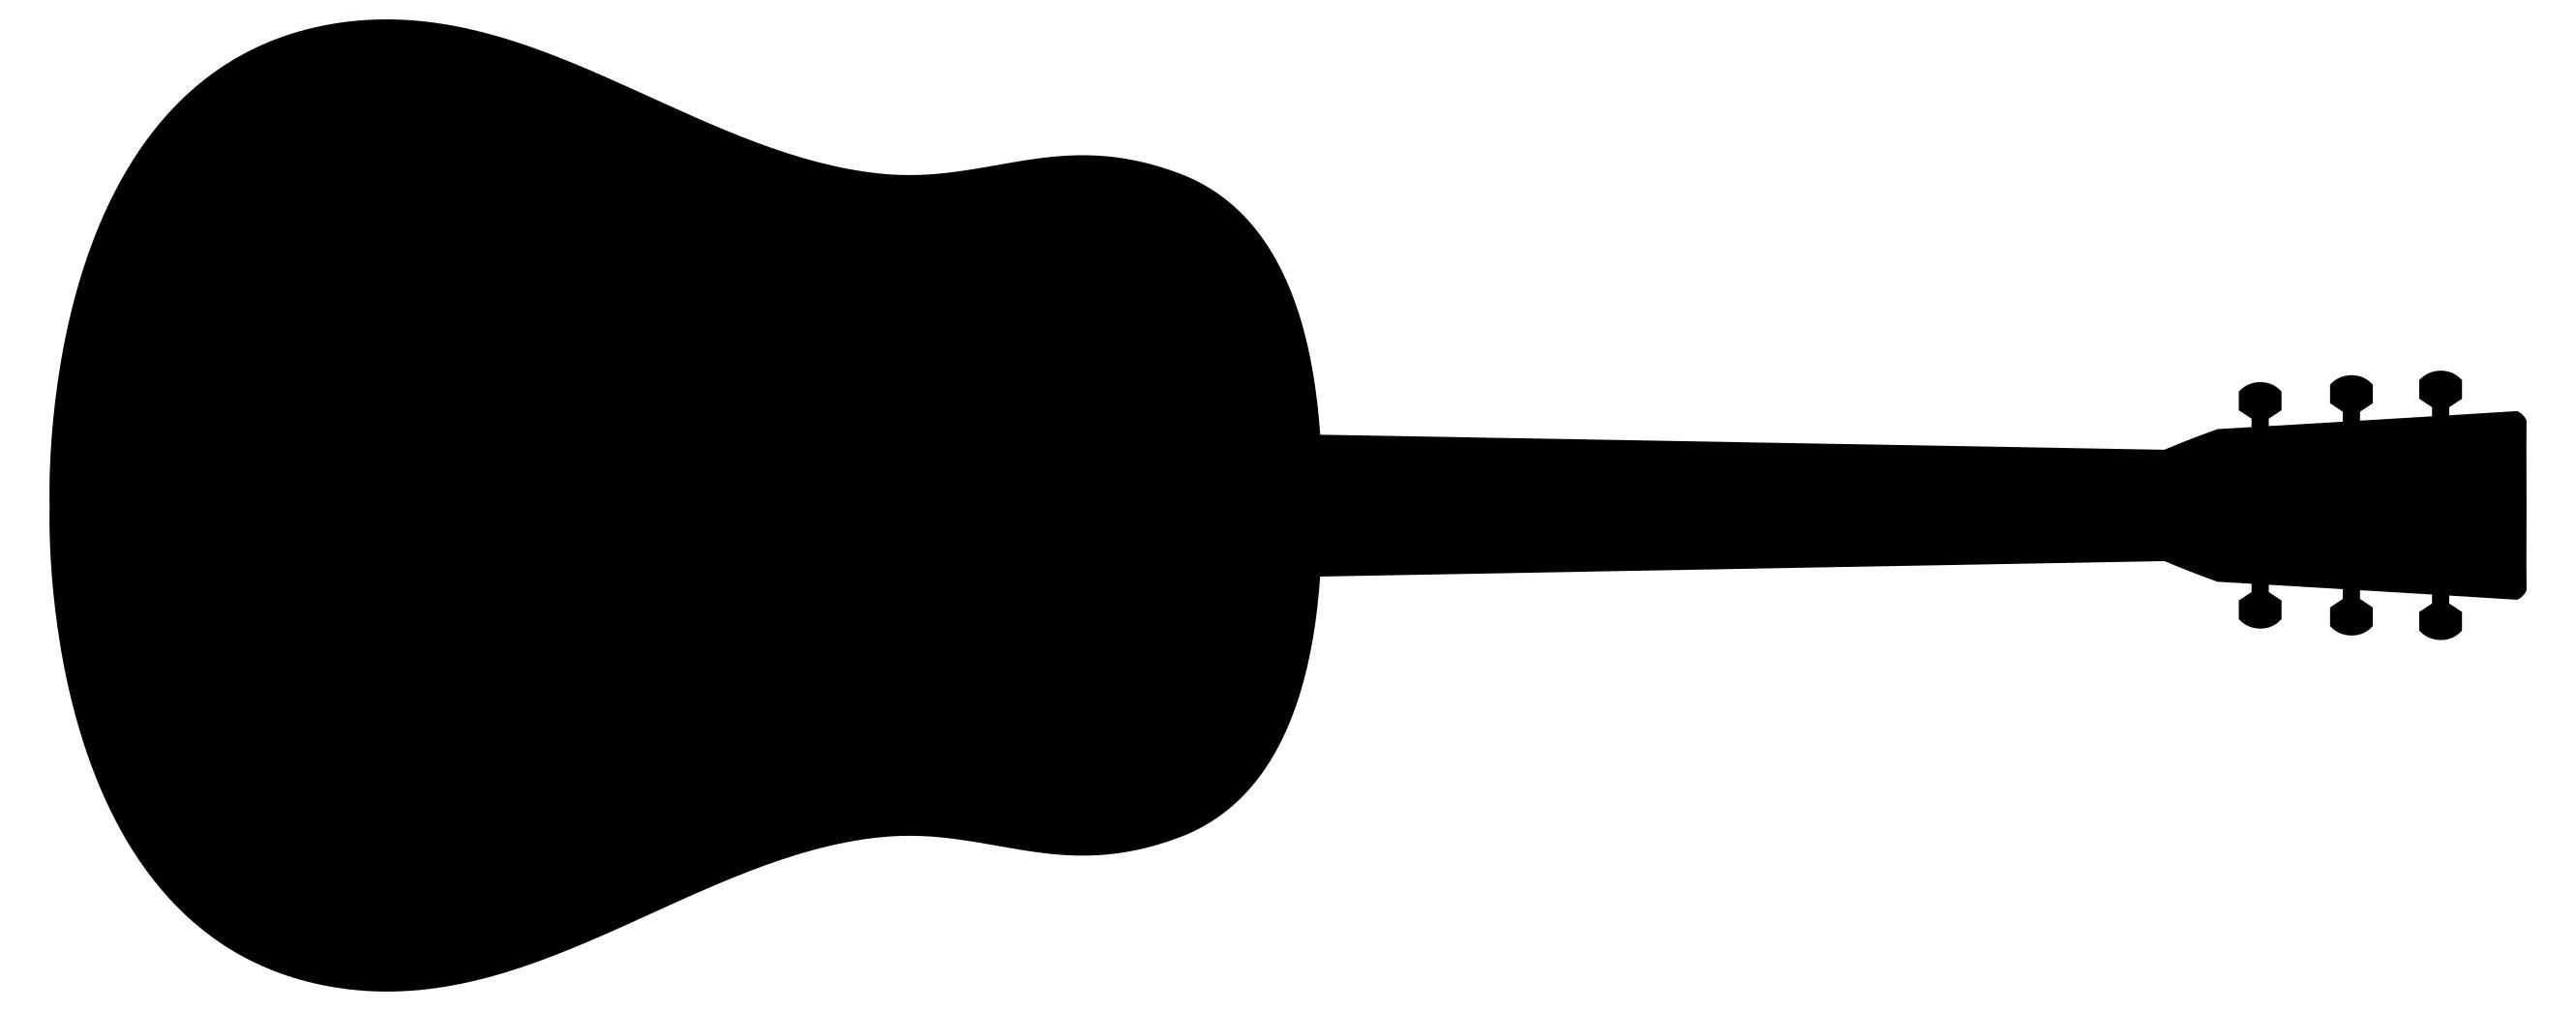 Guitar Silhouette at GetDrawings.com.